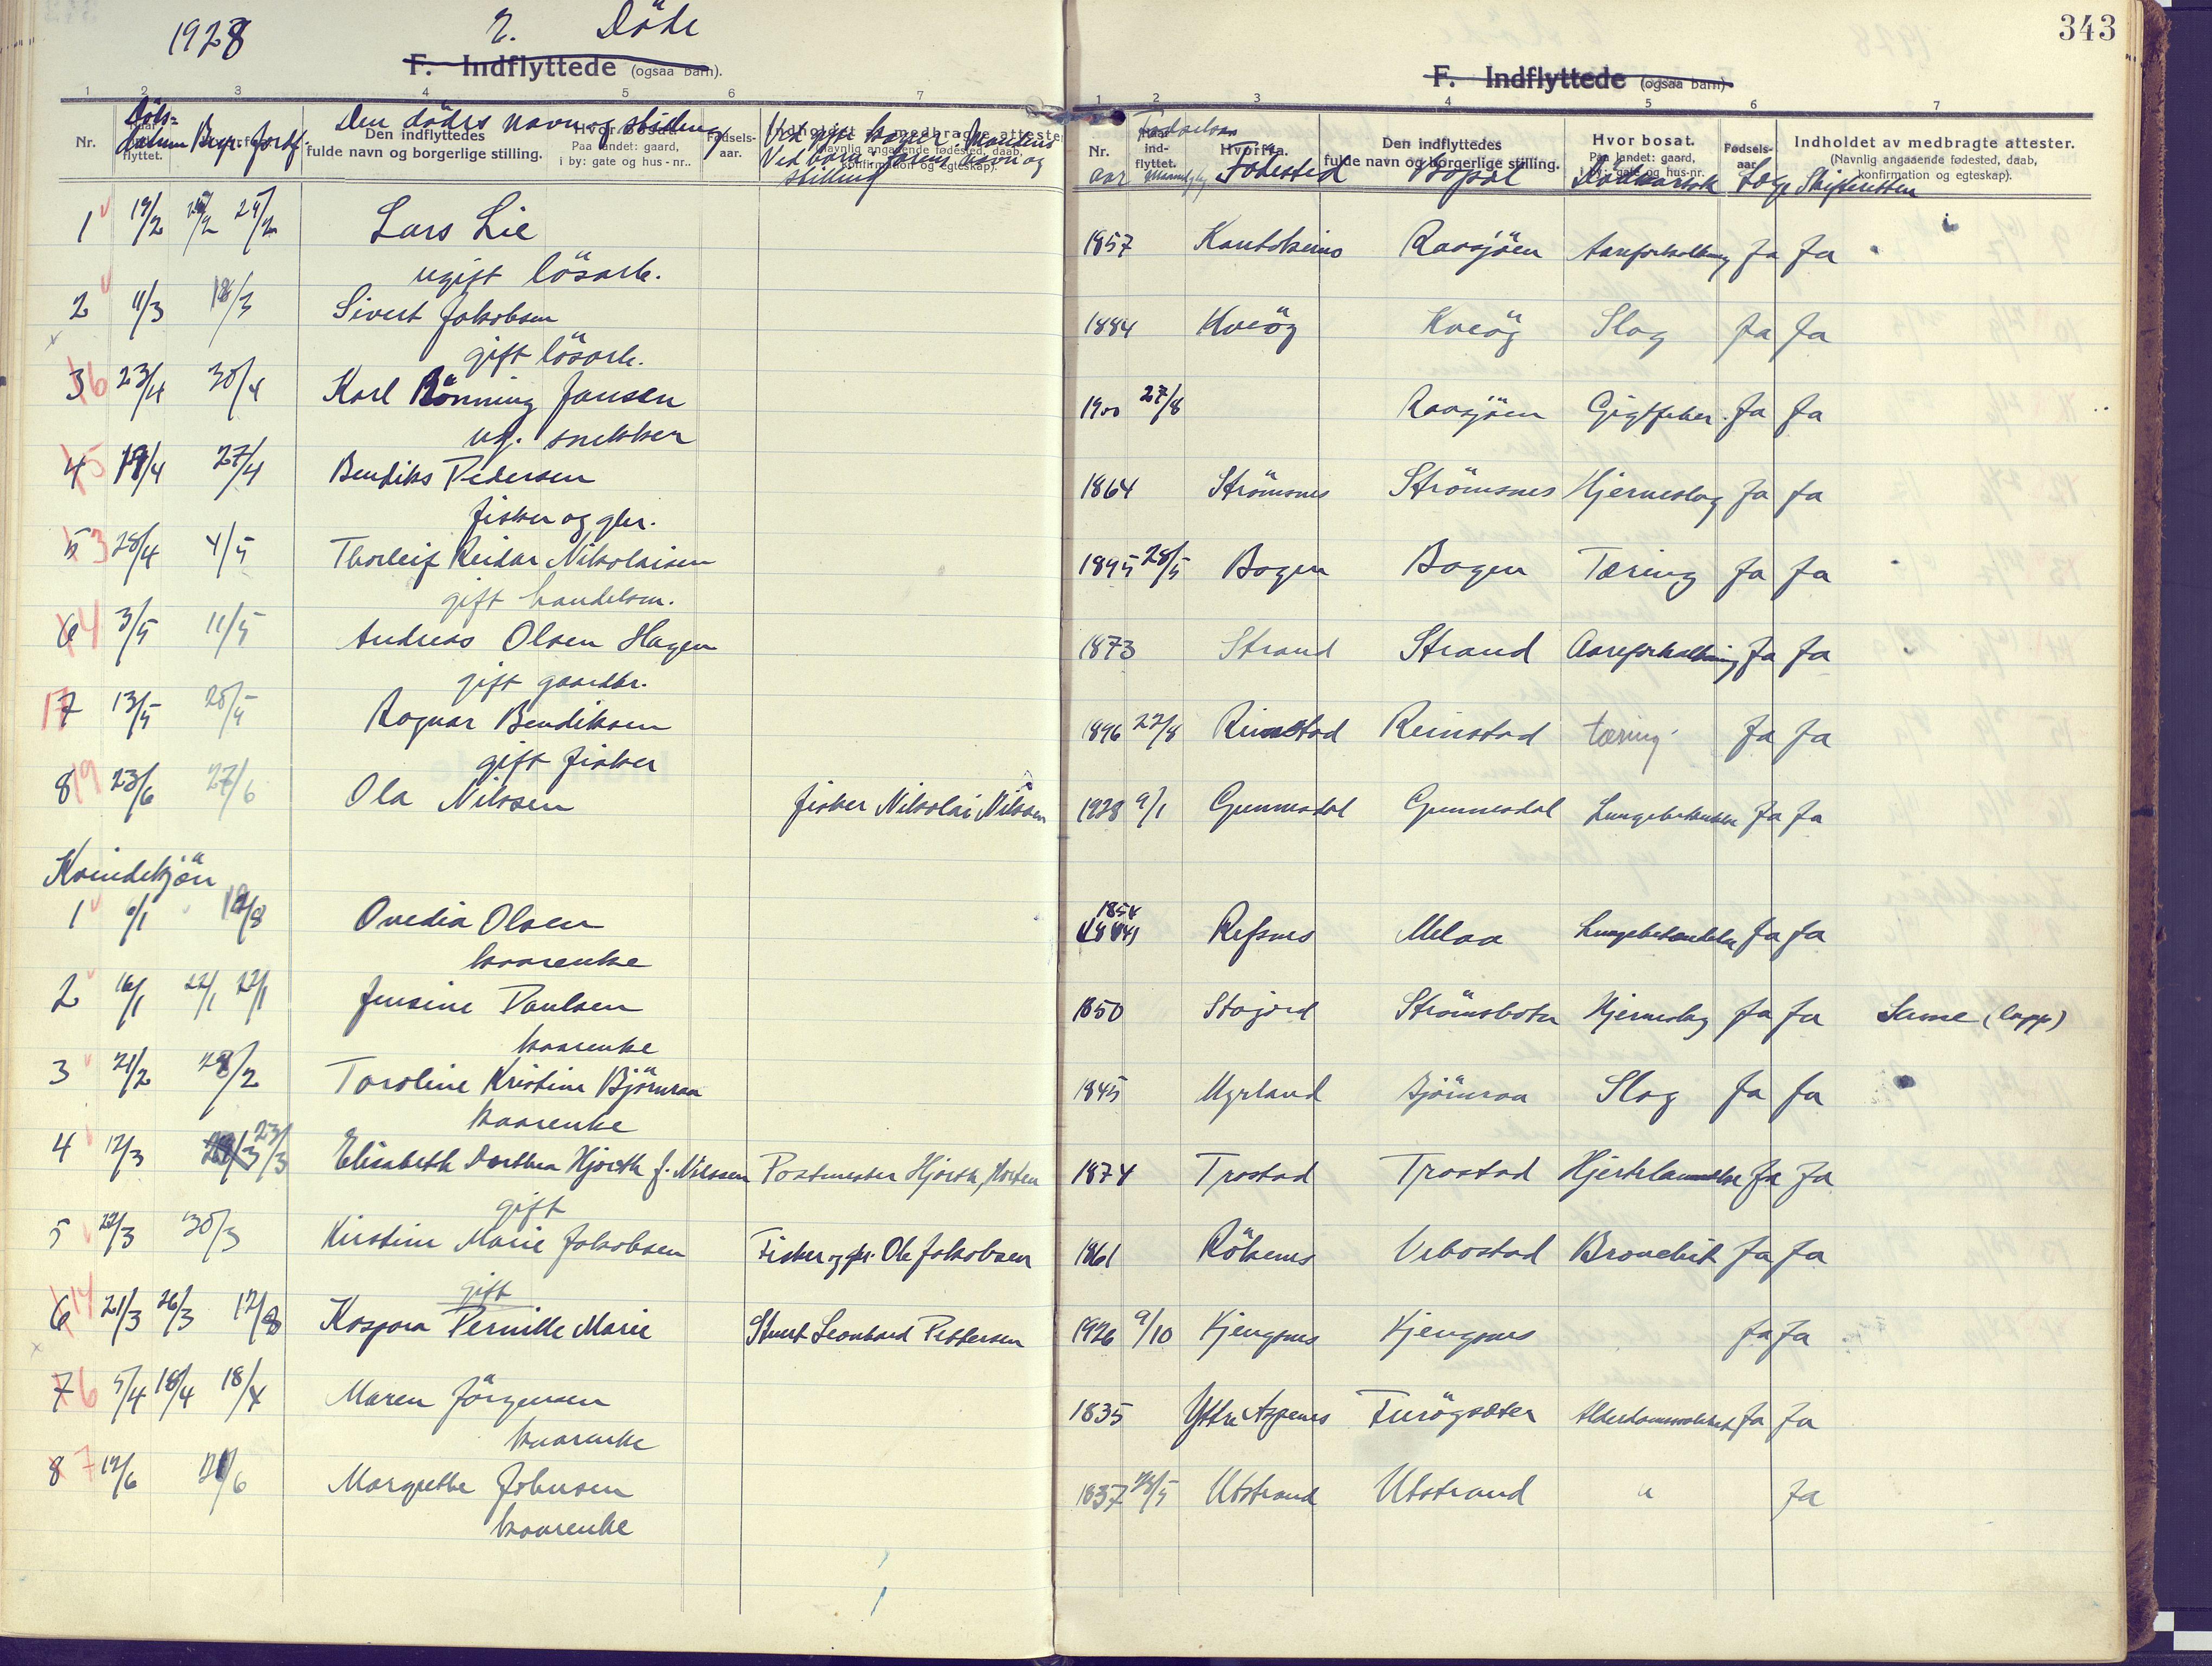 SATØ, Kvæfjord sokneprestkontor, G/Ga/Gaa/L0007kirke: Ministerialbok nr. 7, 1915-1931, s. 343